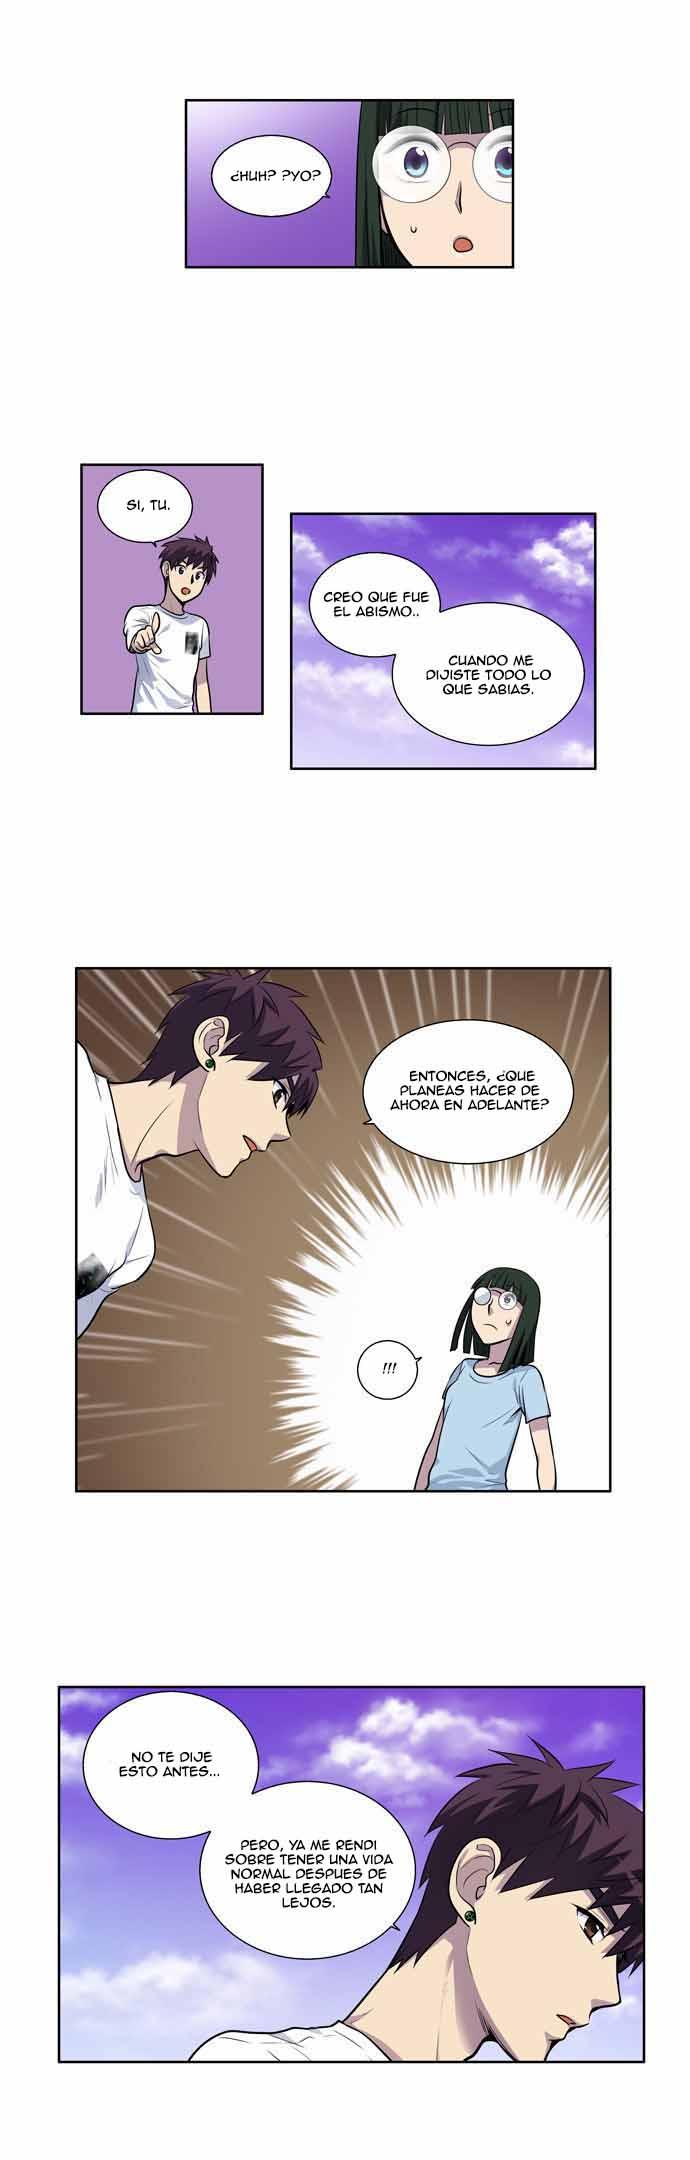 https://c5.ninemanga.com/es_manga/61/1725/430712/642c30b85aab4b8e49e795605bf6f368.jpg Page 4